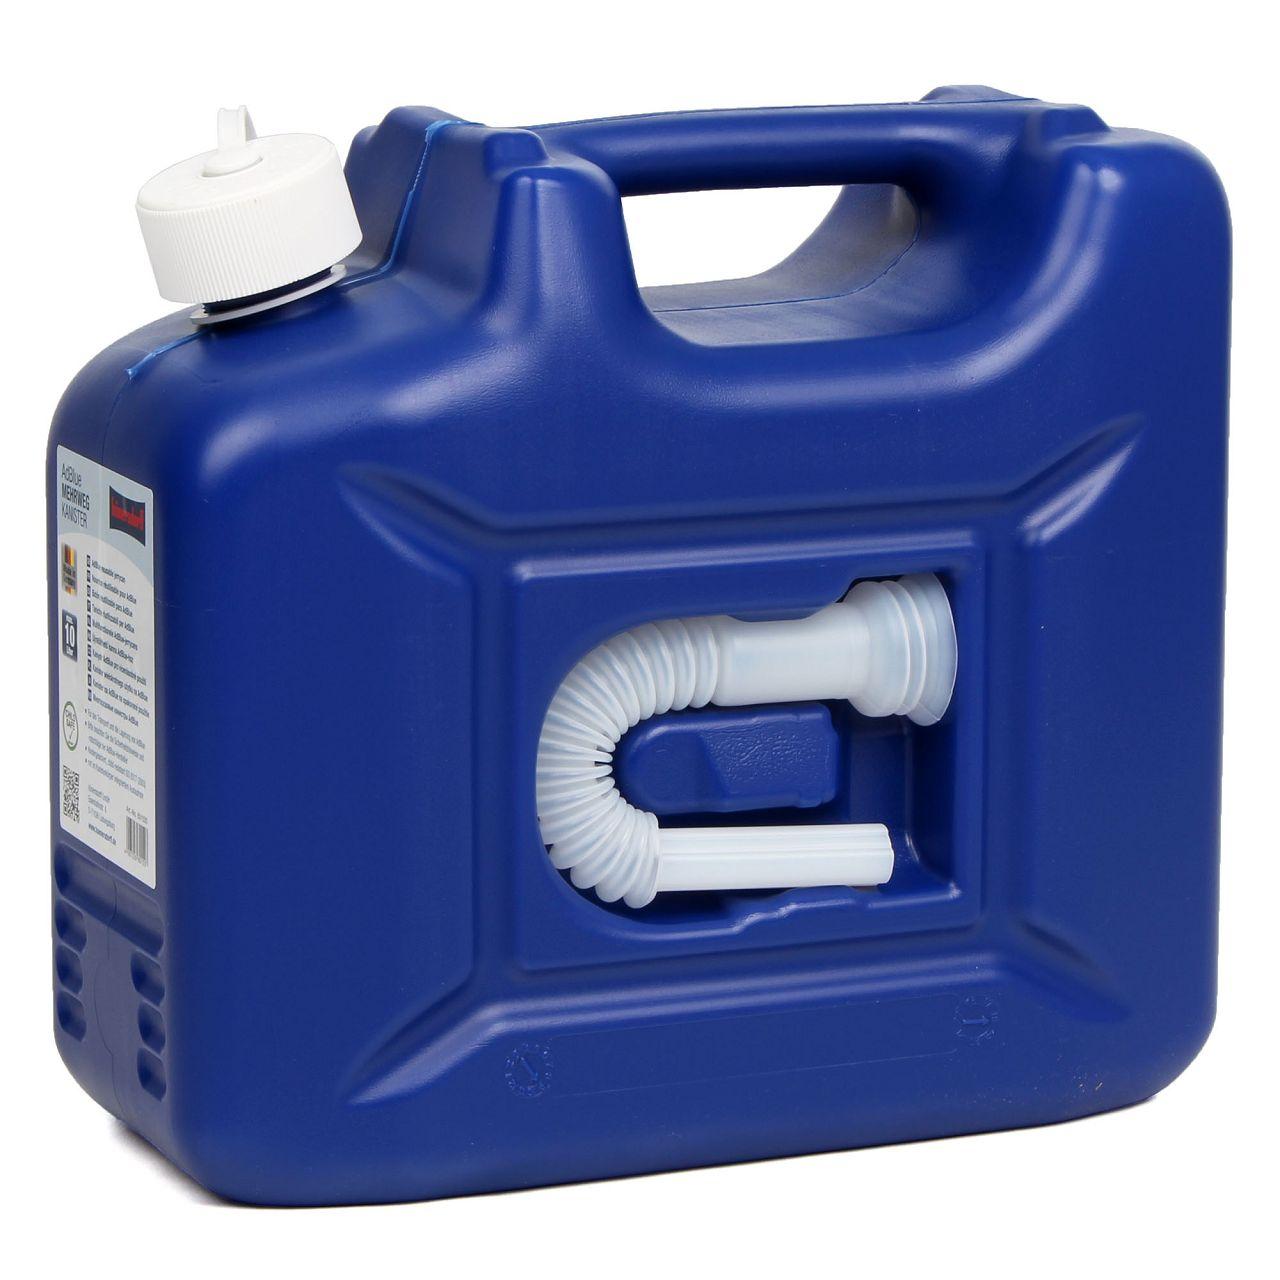 HÜNERSDORFF 801500 Kanister Reservekanister mit Auslaufrohr ADBLUE 10 L Blau